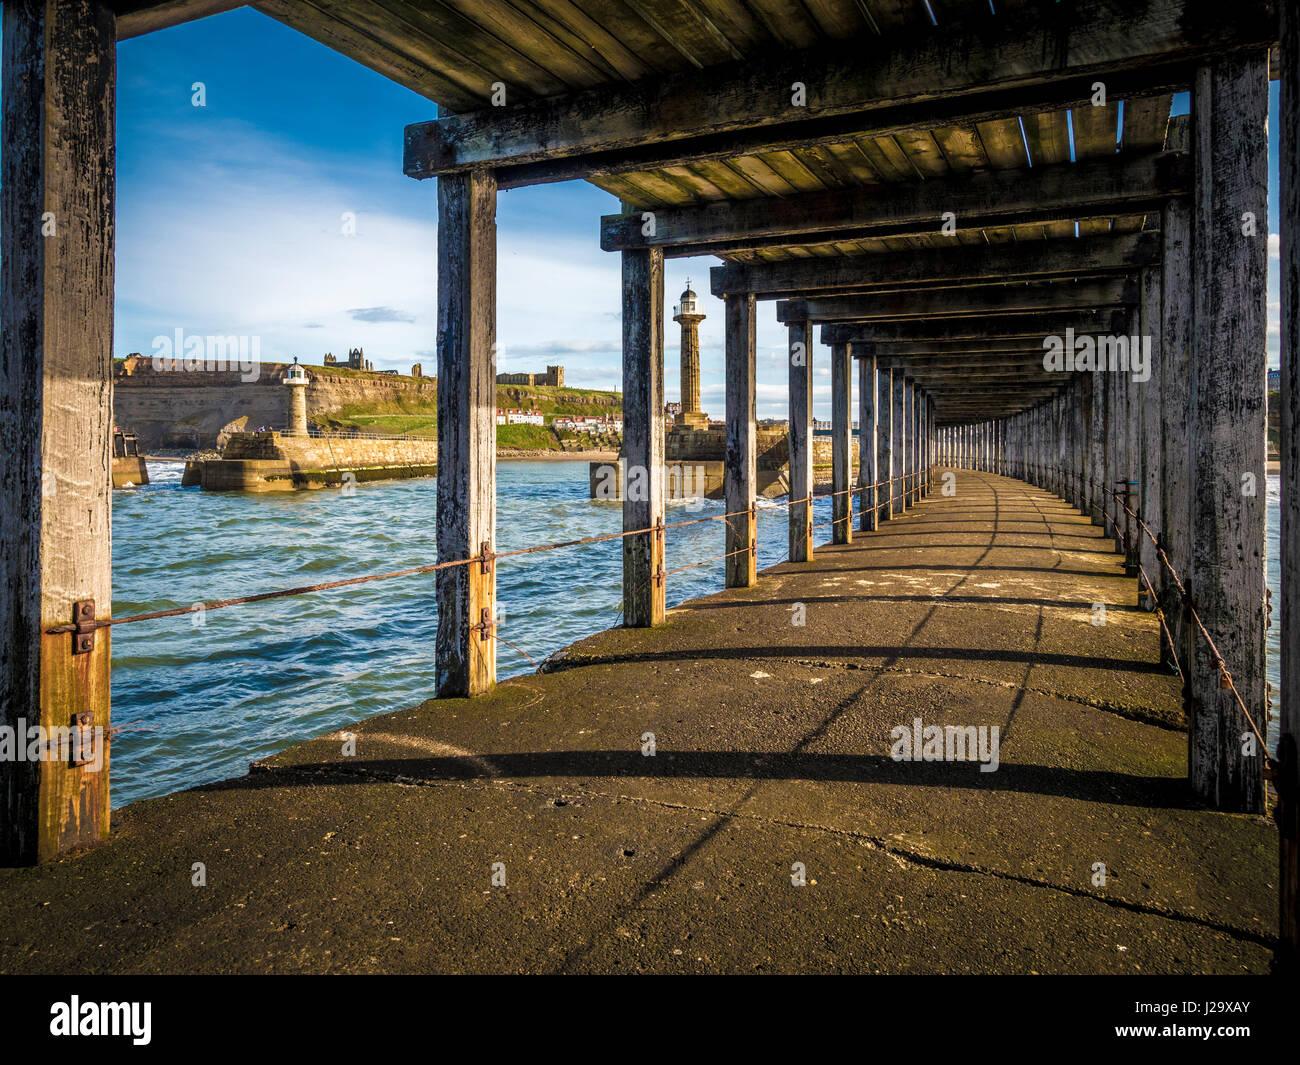 West Pier à Whitby, au Royaume-Uni. Photo Stock